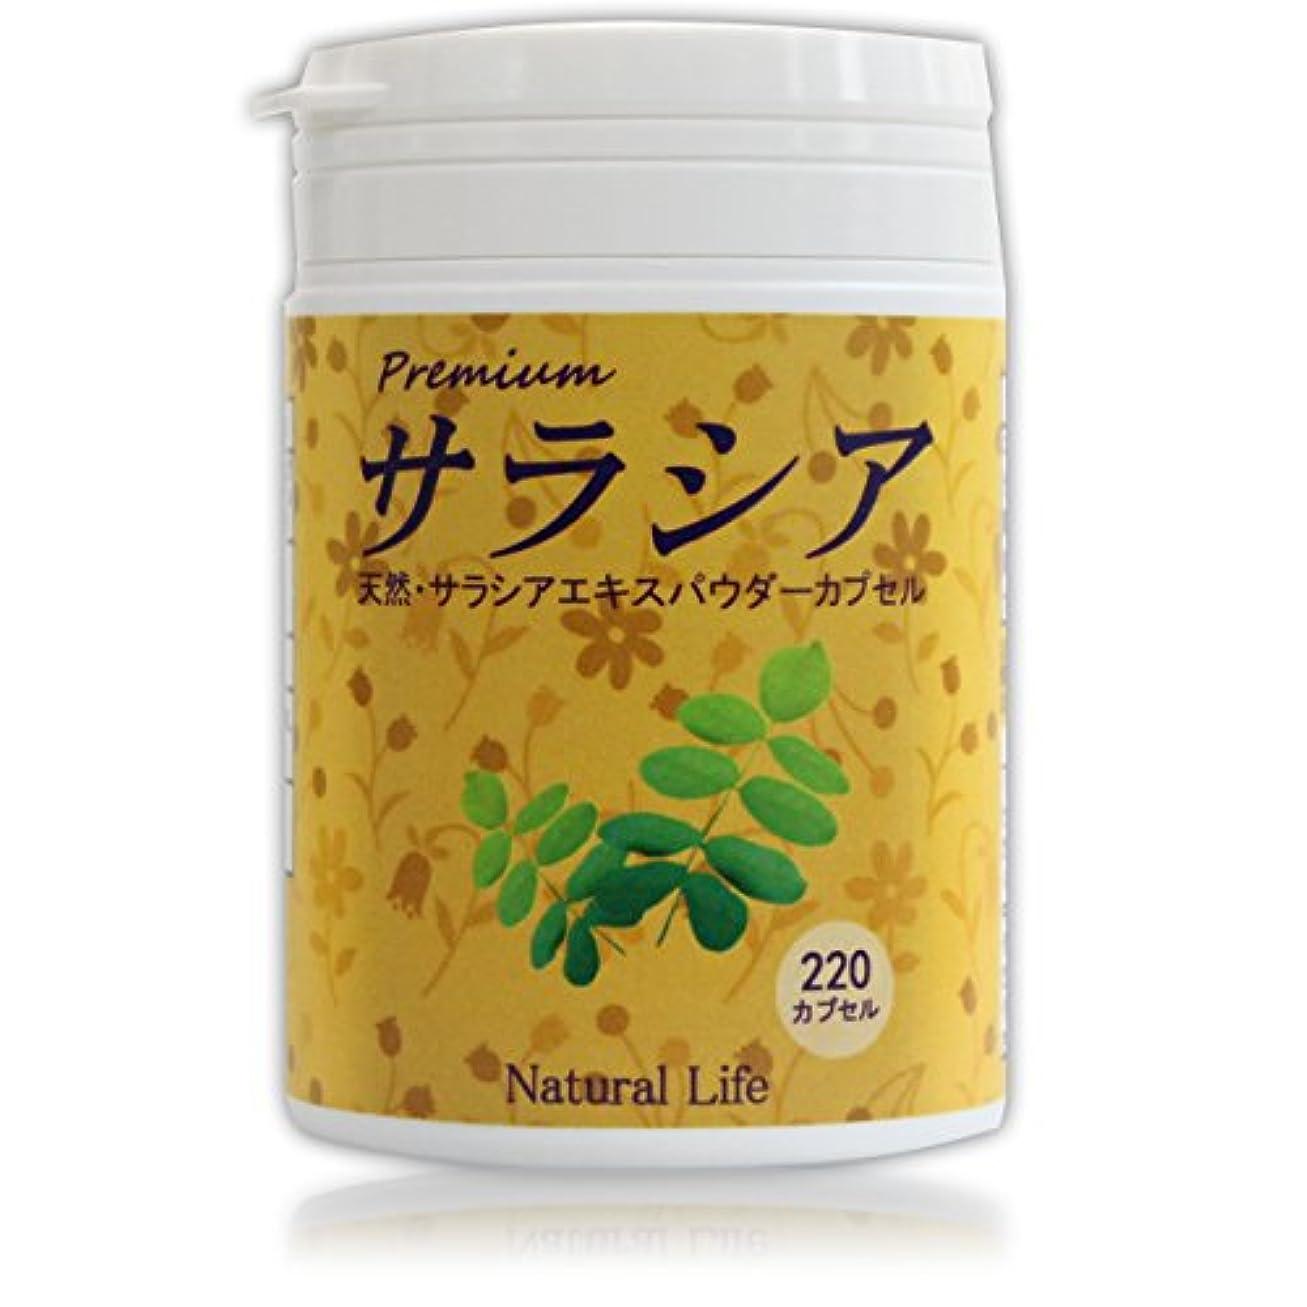 振るプロフェッショナルローブサラシアカプセル[220粒]天然ピュア原料(無添加) 健康食品(サラシア,さらしあ)